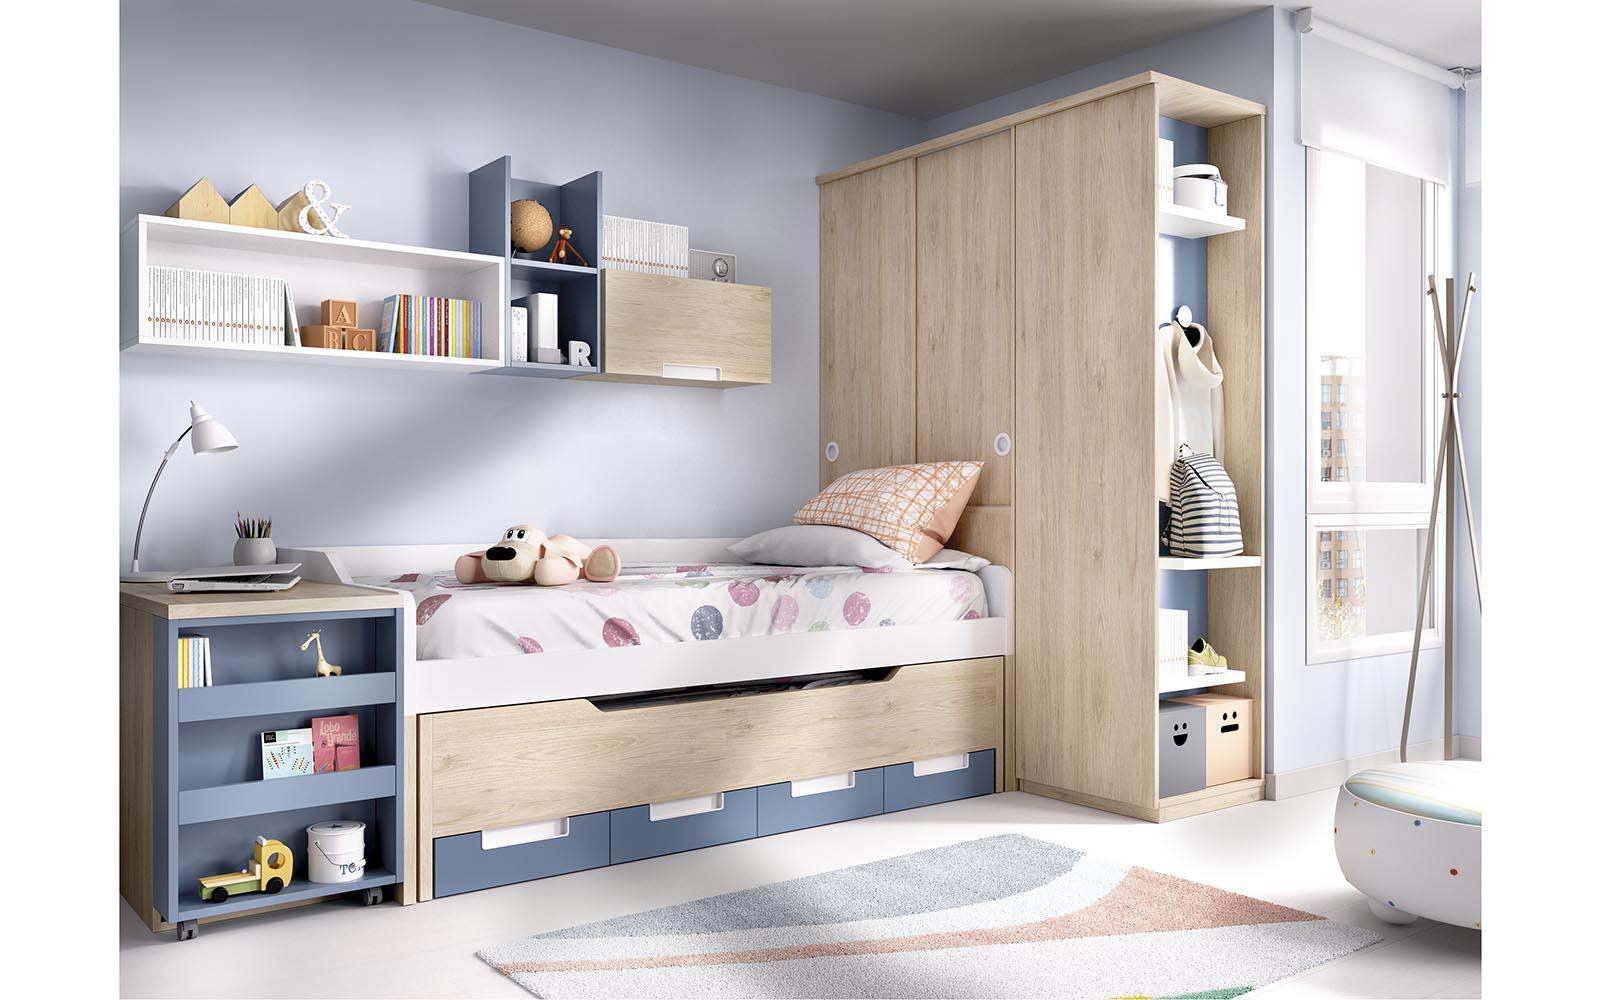 wooden kids bed with white and blue details, extendable mattress wooden bed, krevati me ermarakia pou anoigoun apo kato,